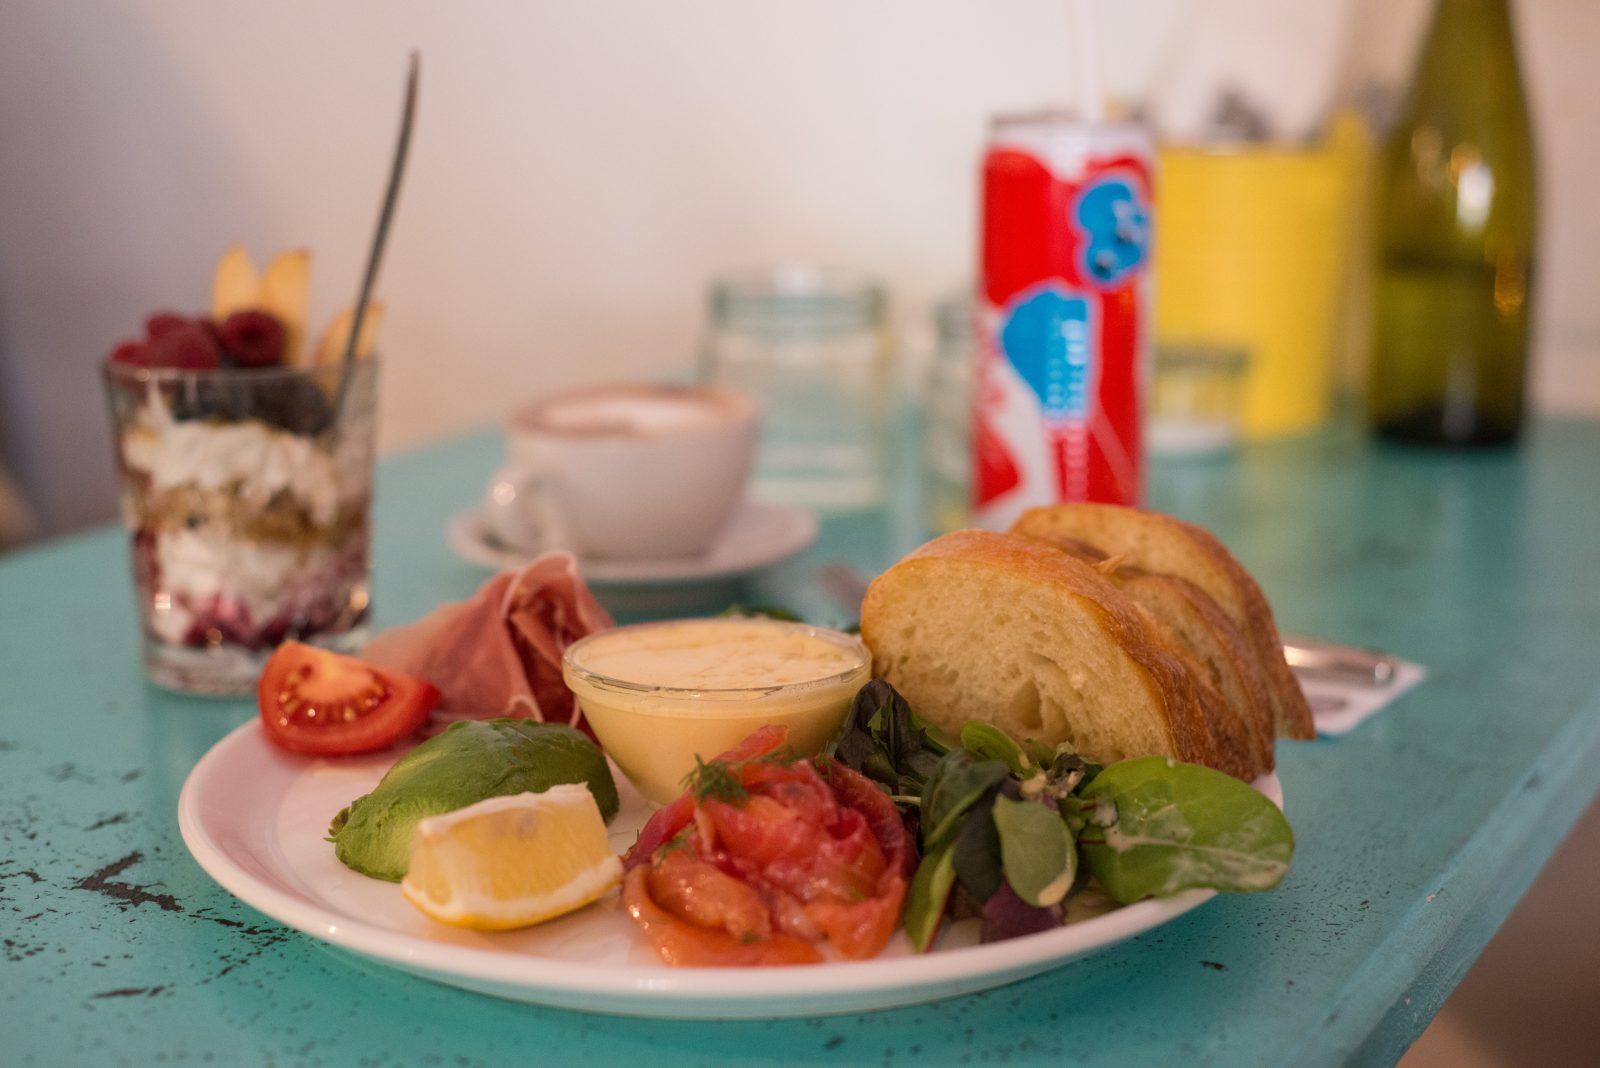 Wer Frühstück liebt, sollte in der Rykestraße vorbeischauen.